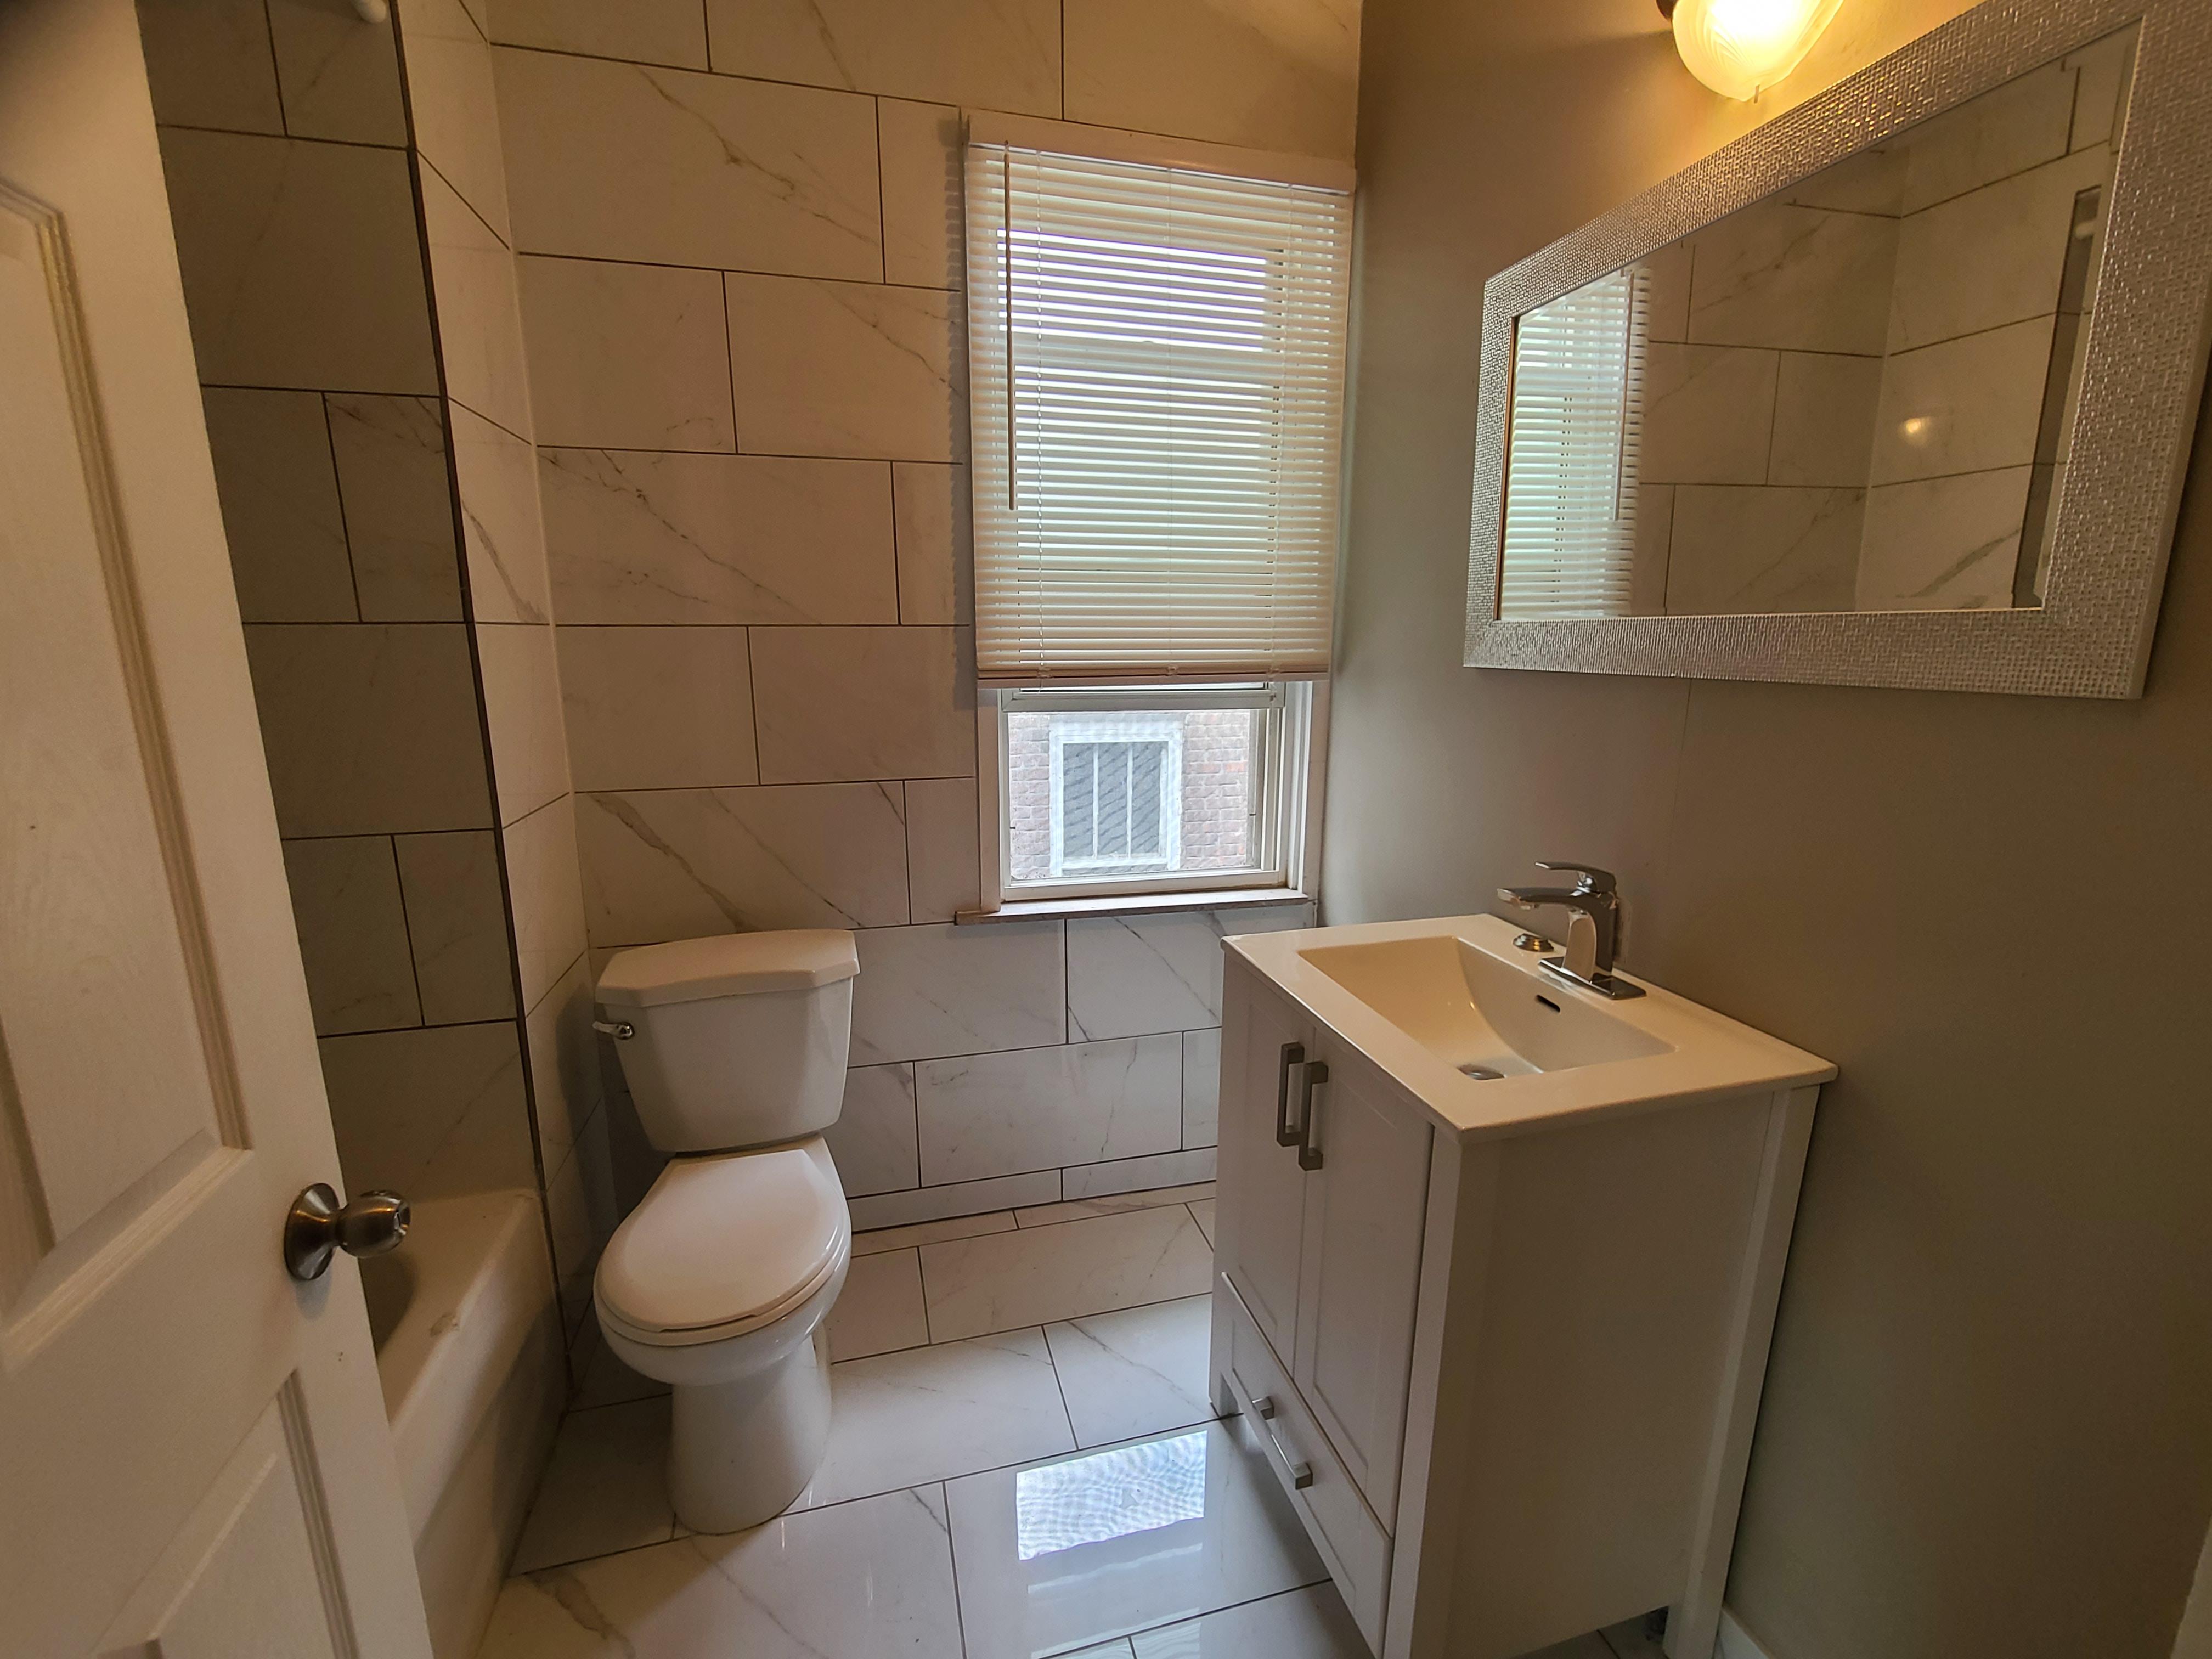 369 Indian Rd , Windsor, Ontario  N9C 2M1 - Photo 8 - RP5784294476